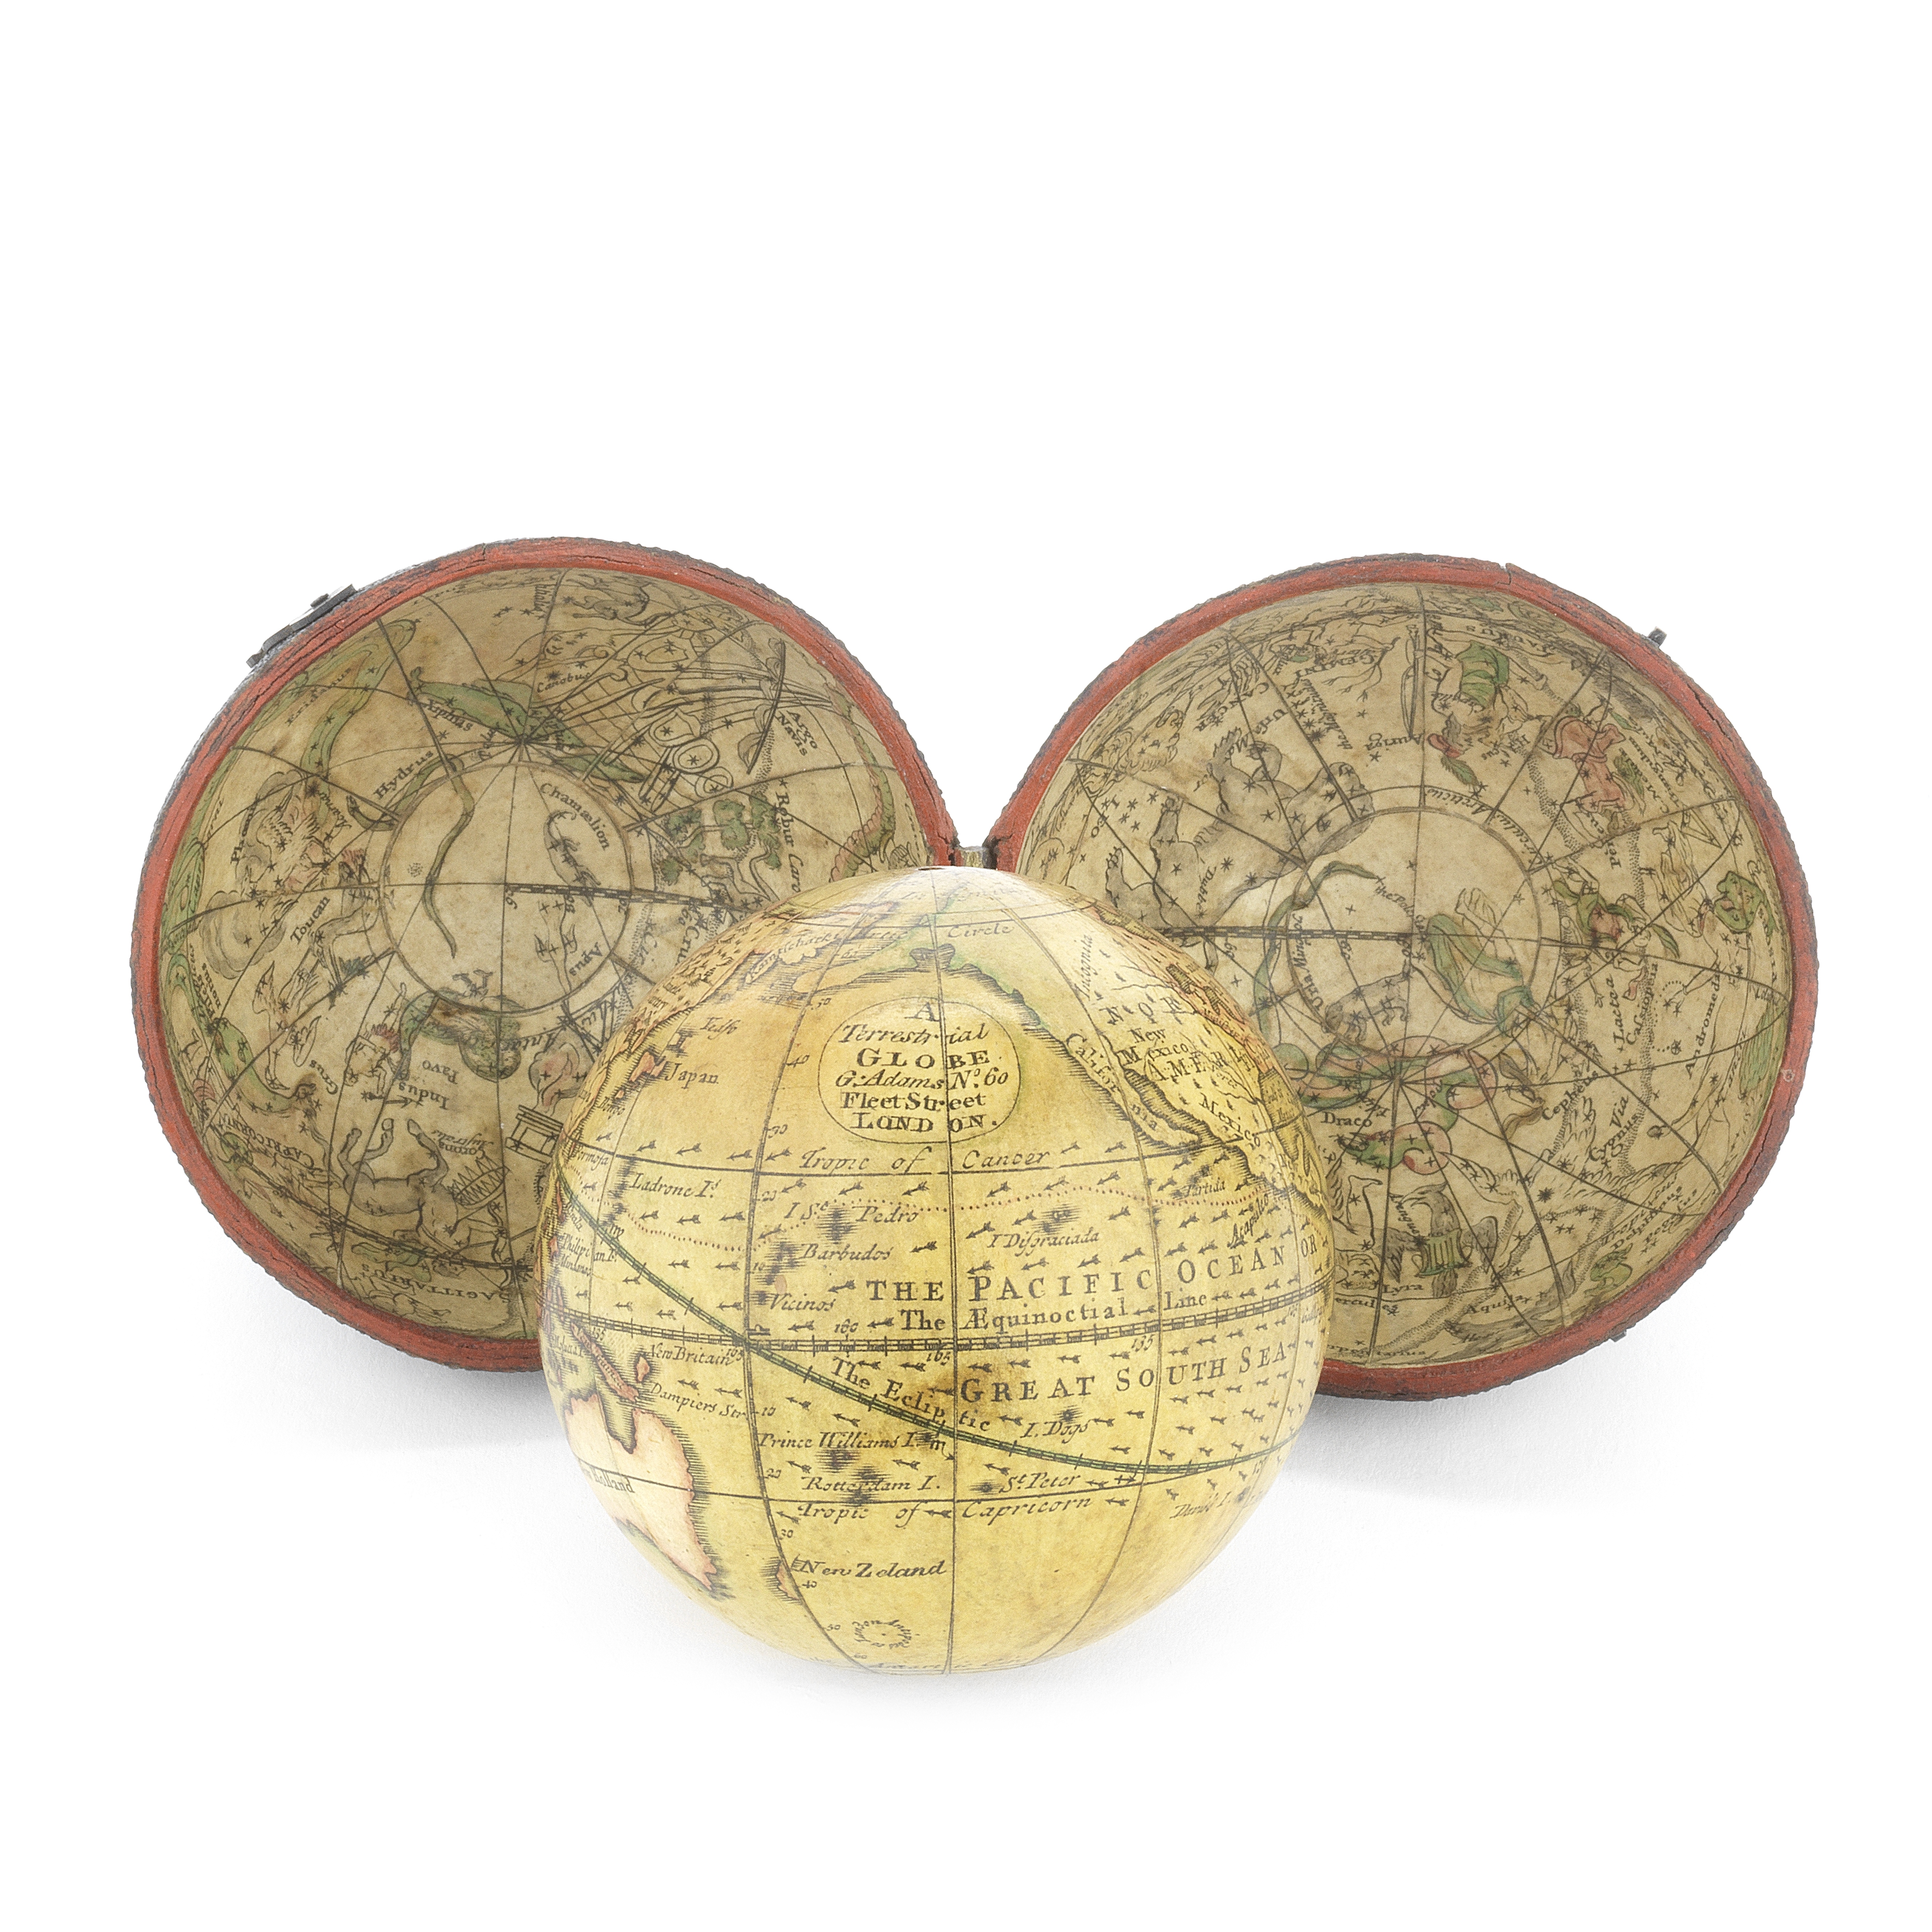 A George Adams 2 ½-inch pocket globe in case, English, circa 1770,